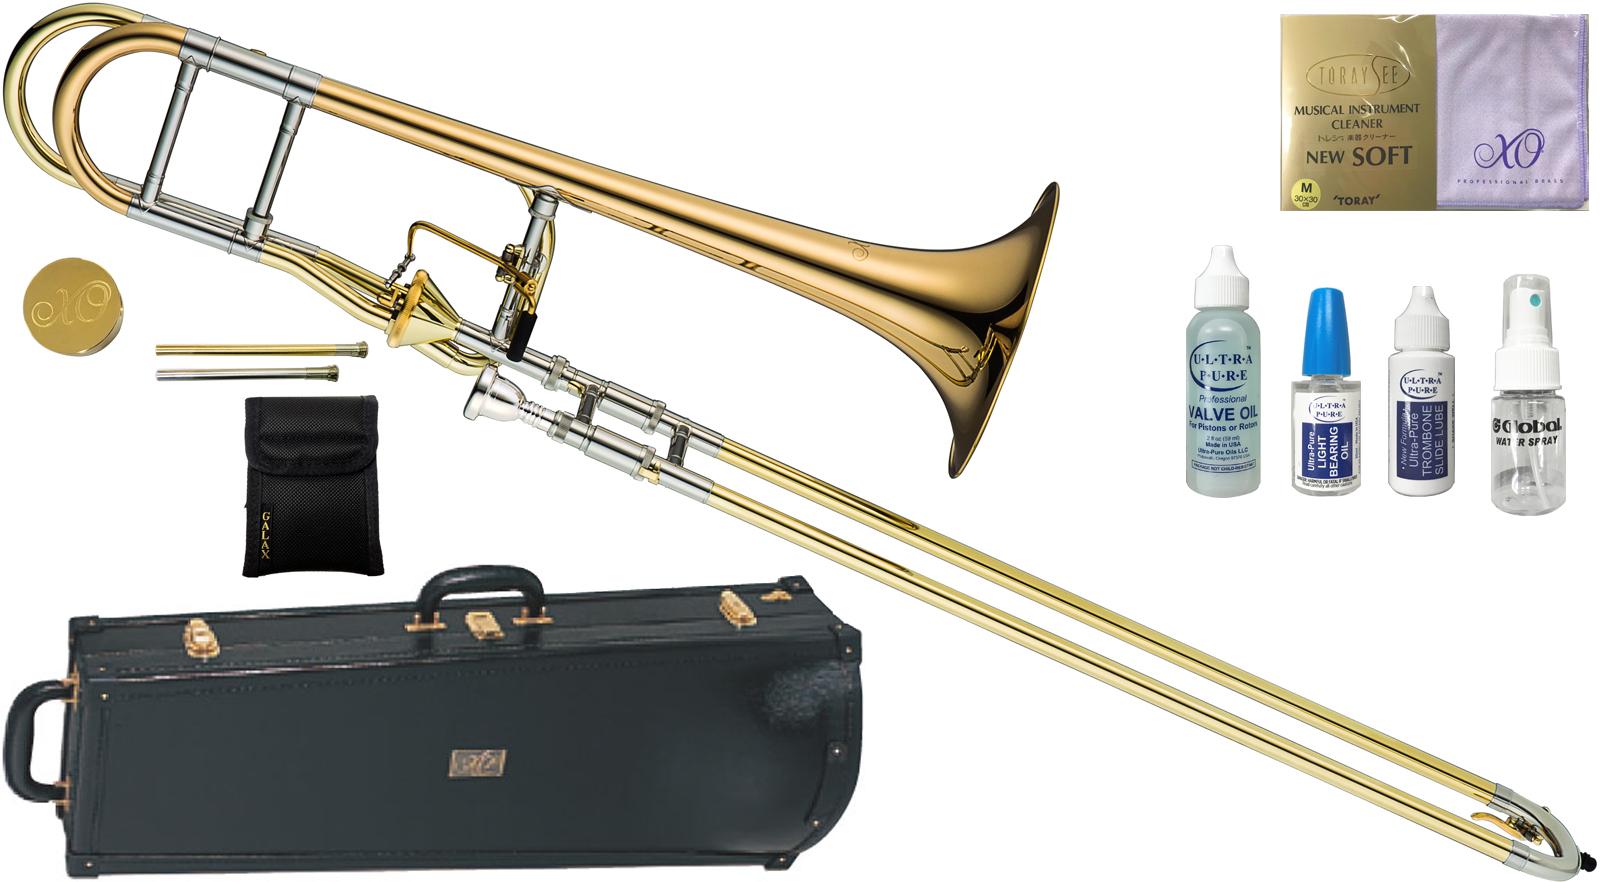 XO ( エックスオー ) 1236RL-T トロンボーン 新品 B♭/F管 テナーバストロンボーン アキシャルフローバルブ ゴールドブラス 太管 Tenor Bass Trombones BT-GB 送料無料